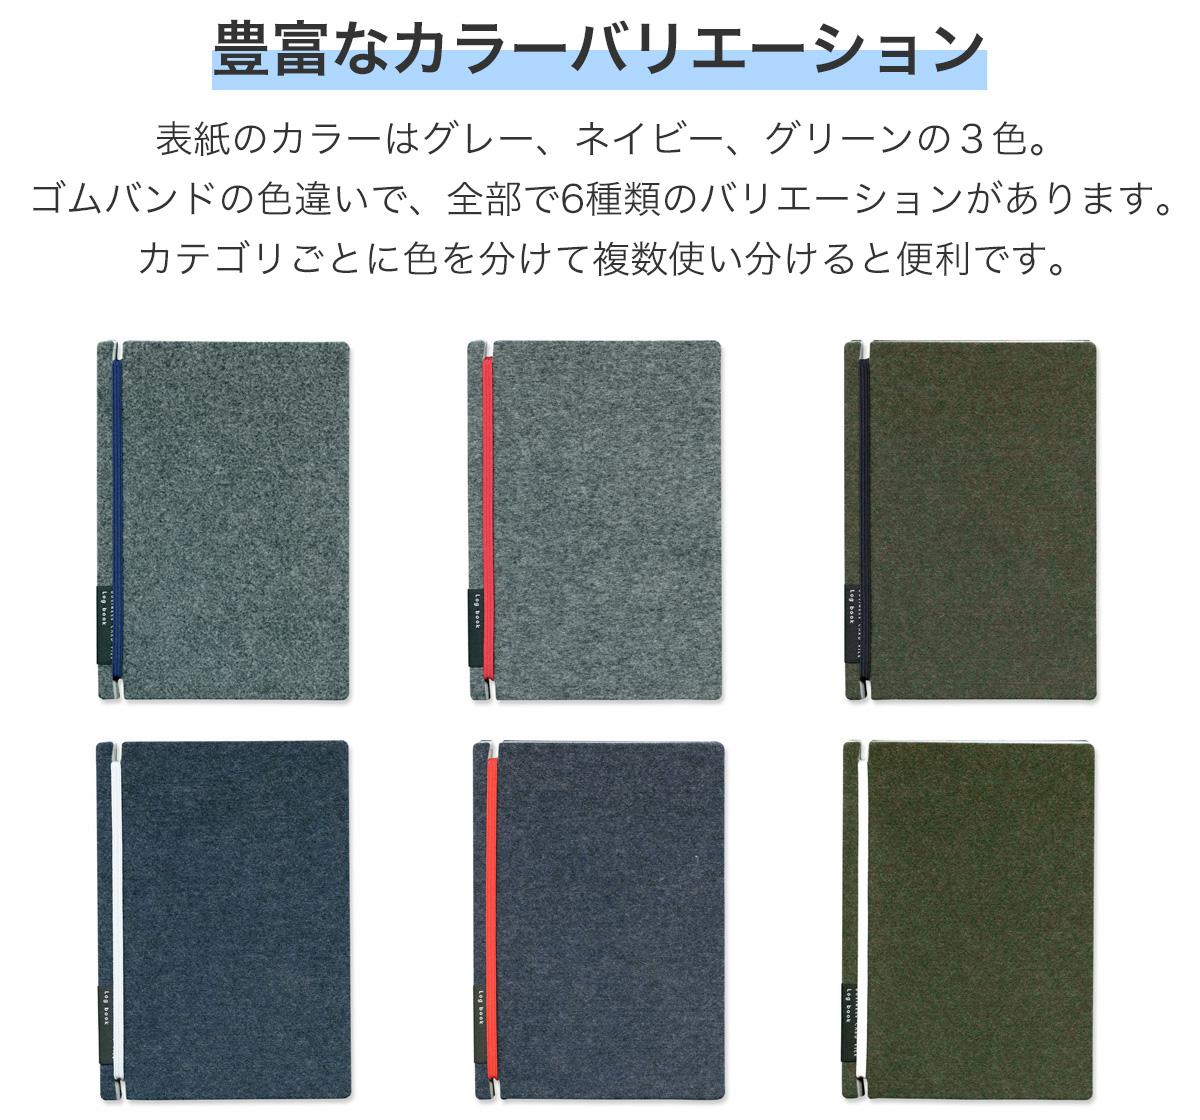 豊富なカラーバリエーション 表紙のカラーはグレー、ネイビー、グリーンの3色。ゴムバンドの色違いで、全部で6種類のバリエーションがあります。カテゴリごとに色を分けて複数使い分けると便利です。